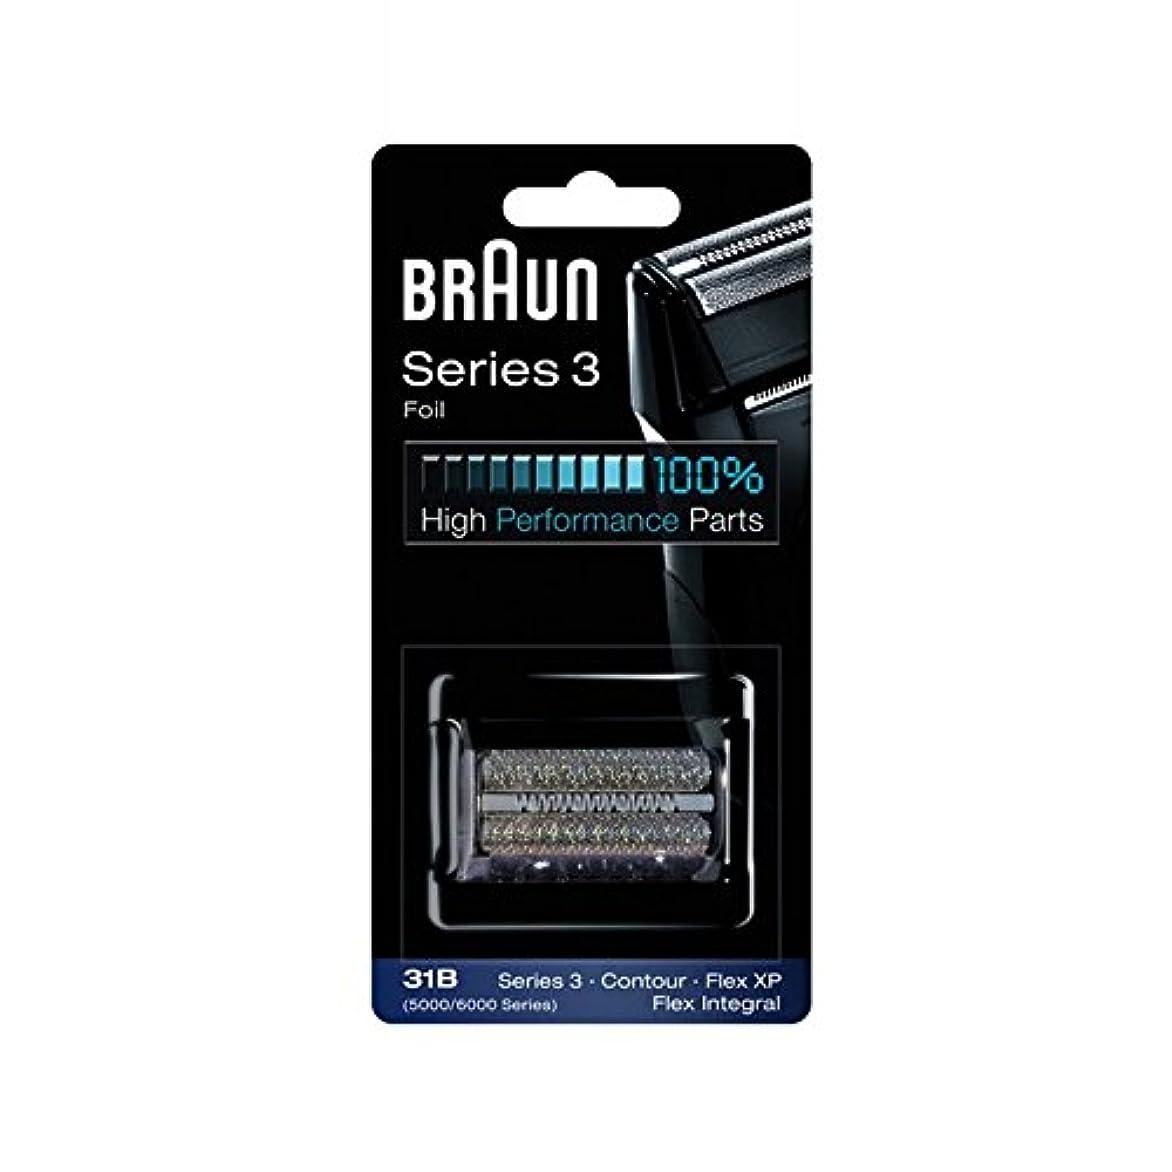 スラックティッシュゲスト[Only Foil] Braun 31B それが唯一のシェーバー箔を含む箔(含まれないものカッター) [並行輸入品]